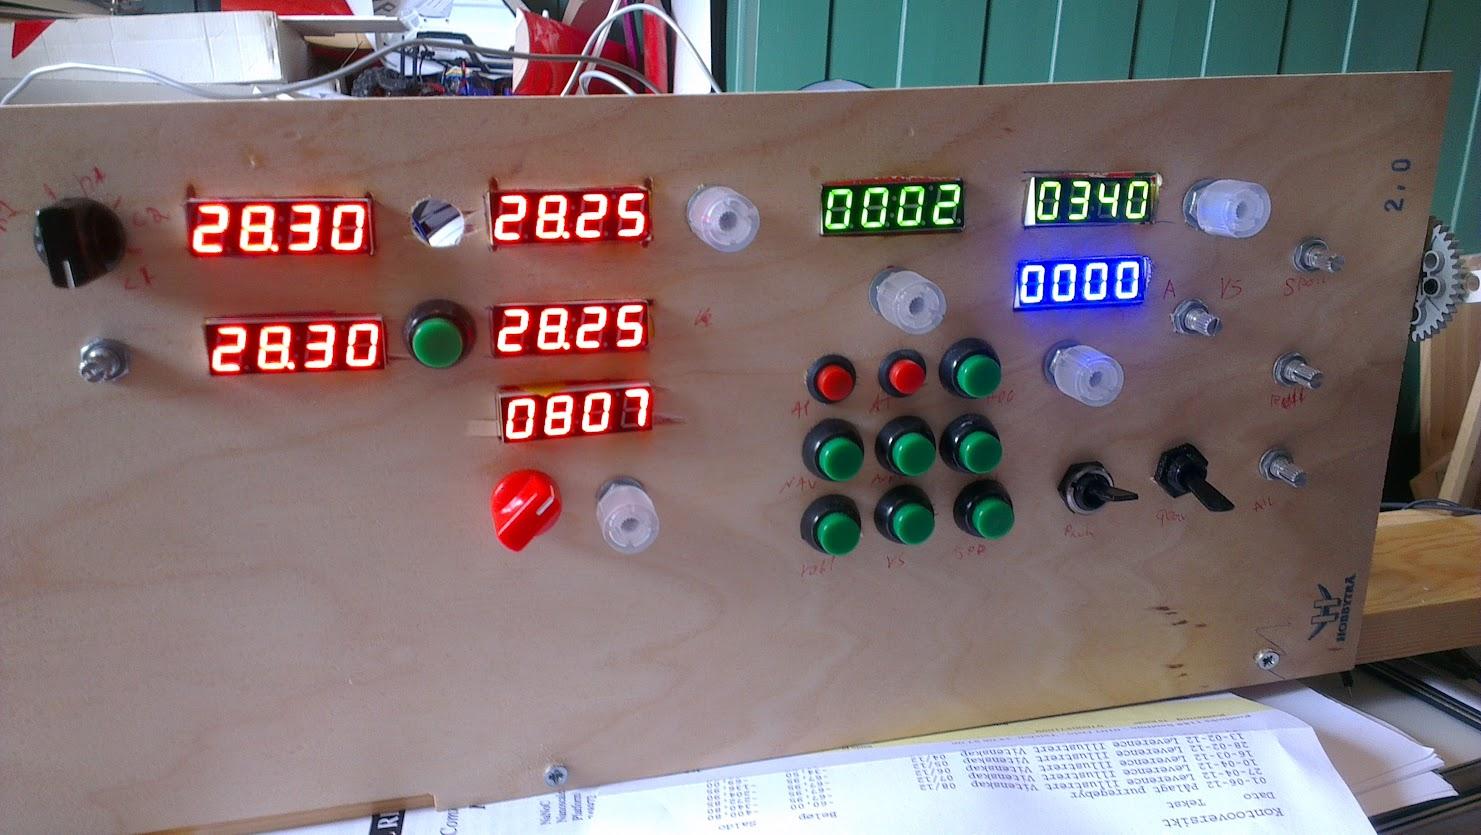 Prototype arduino driven panel